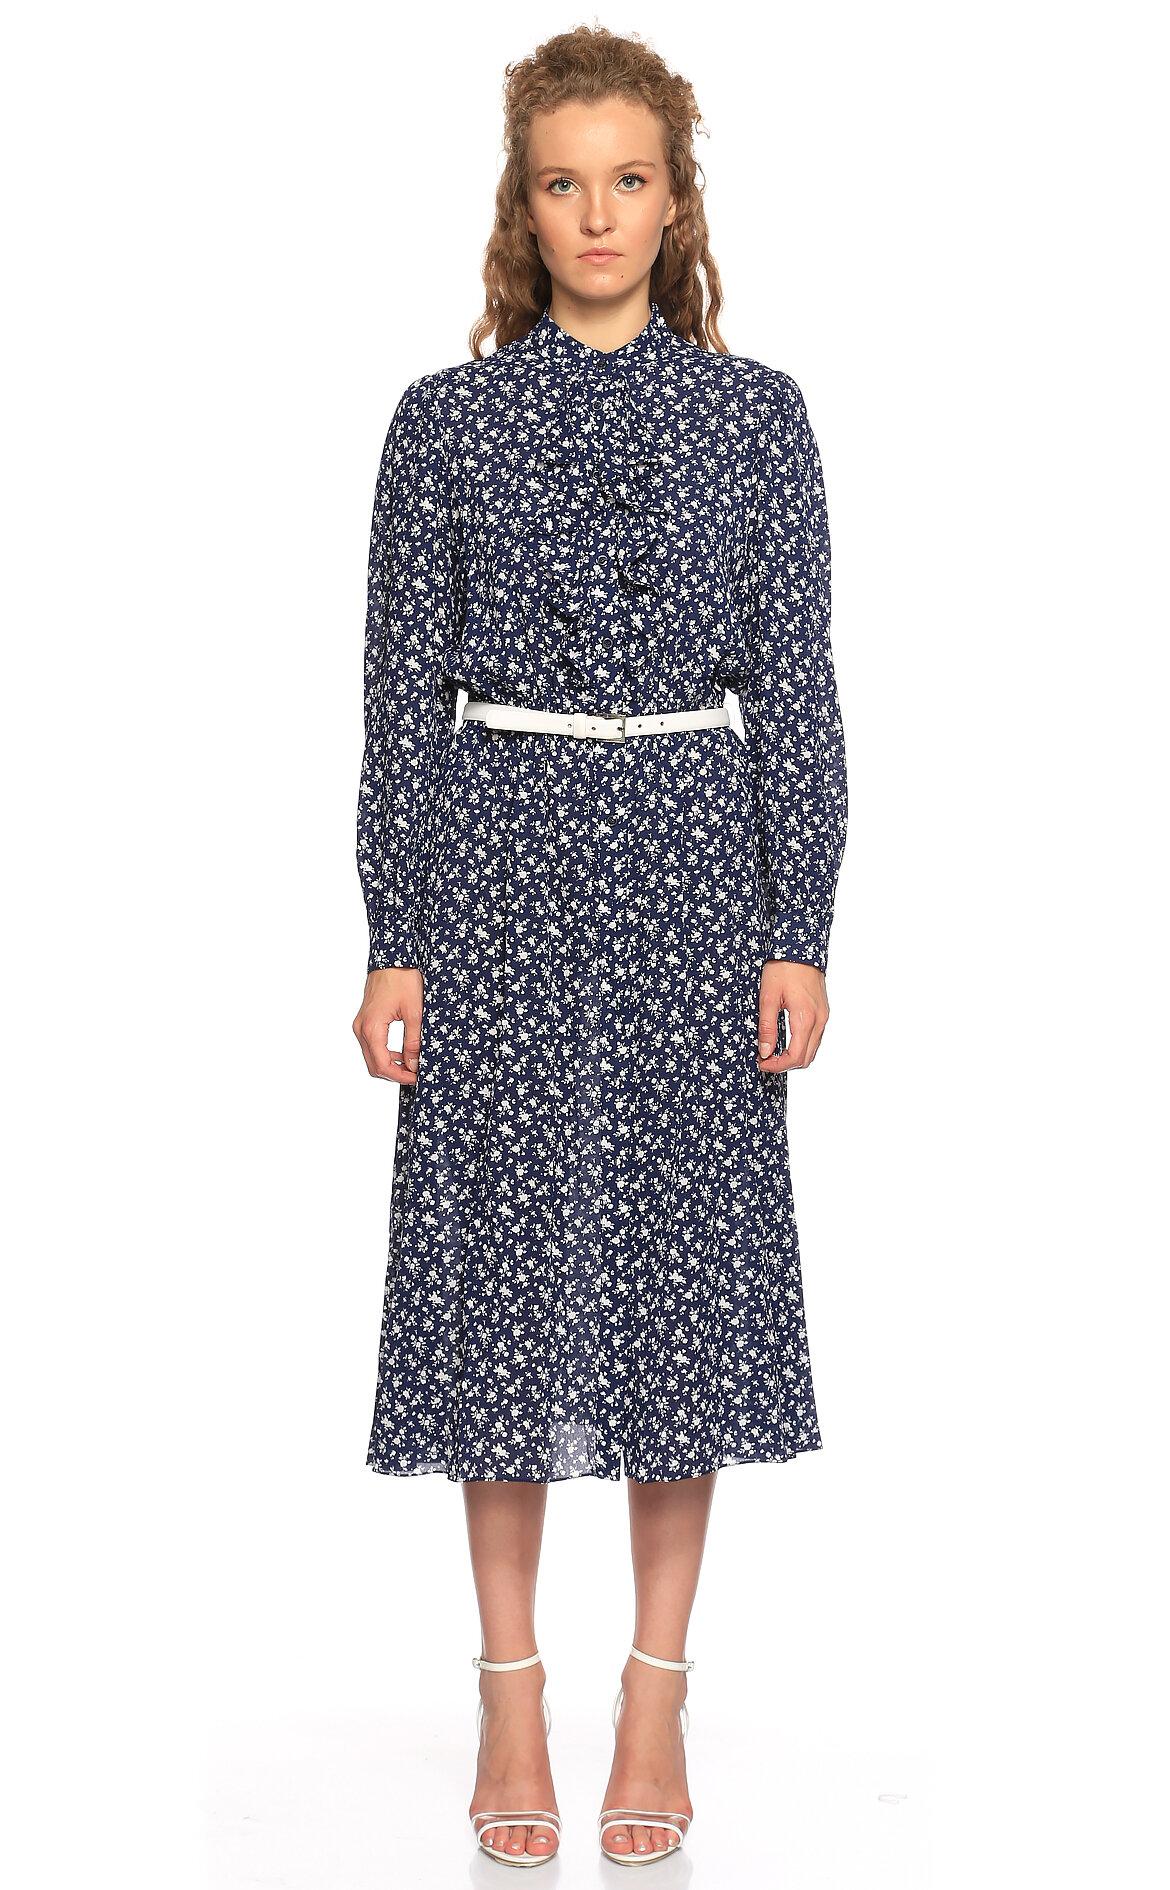 Michael Kors Collection-Michael Kors Collection Çiçek Desenli Midi Lacivert Elbise